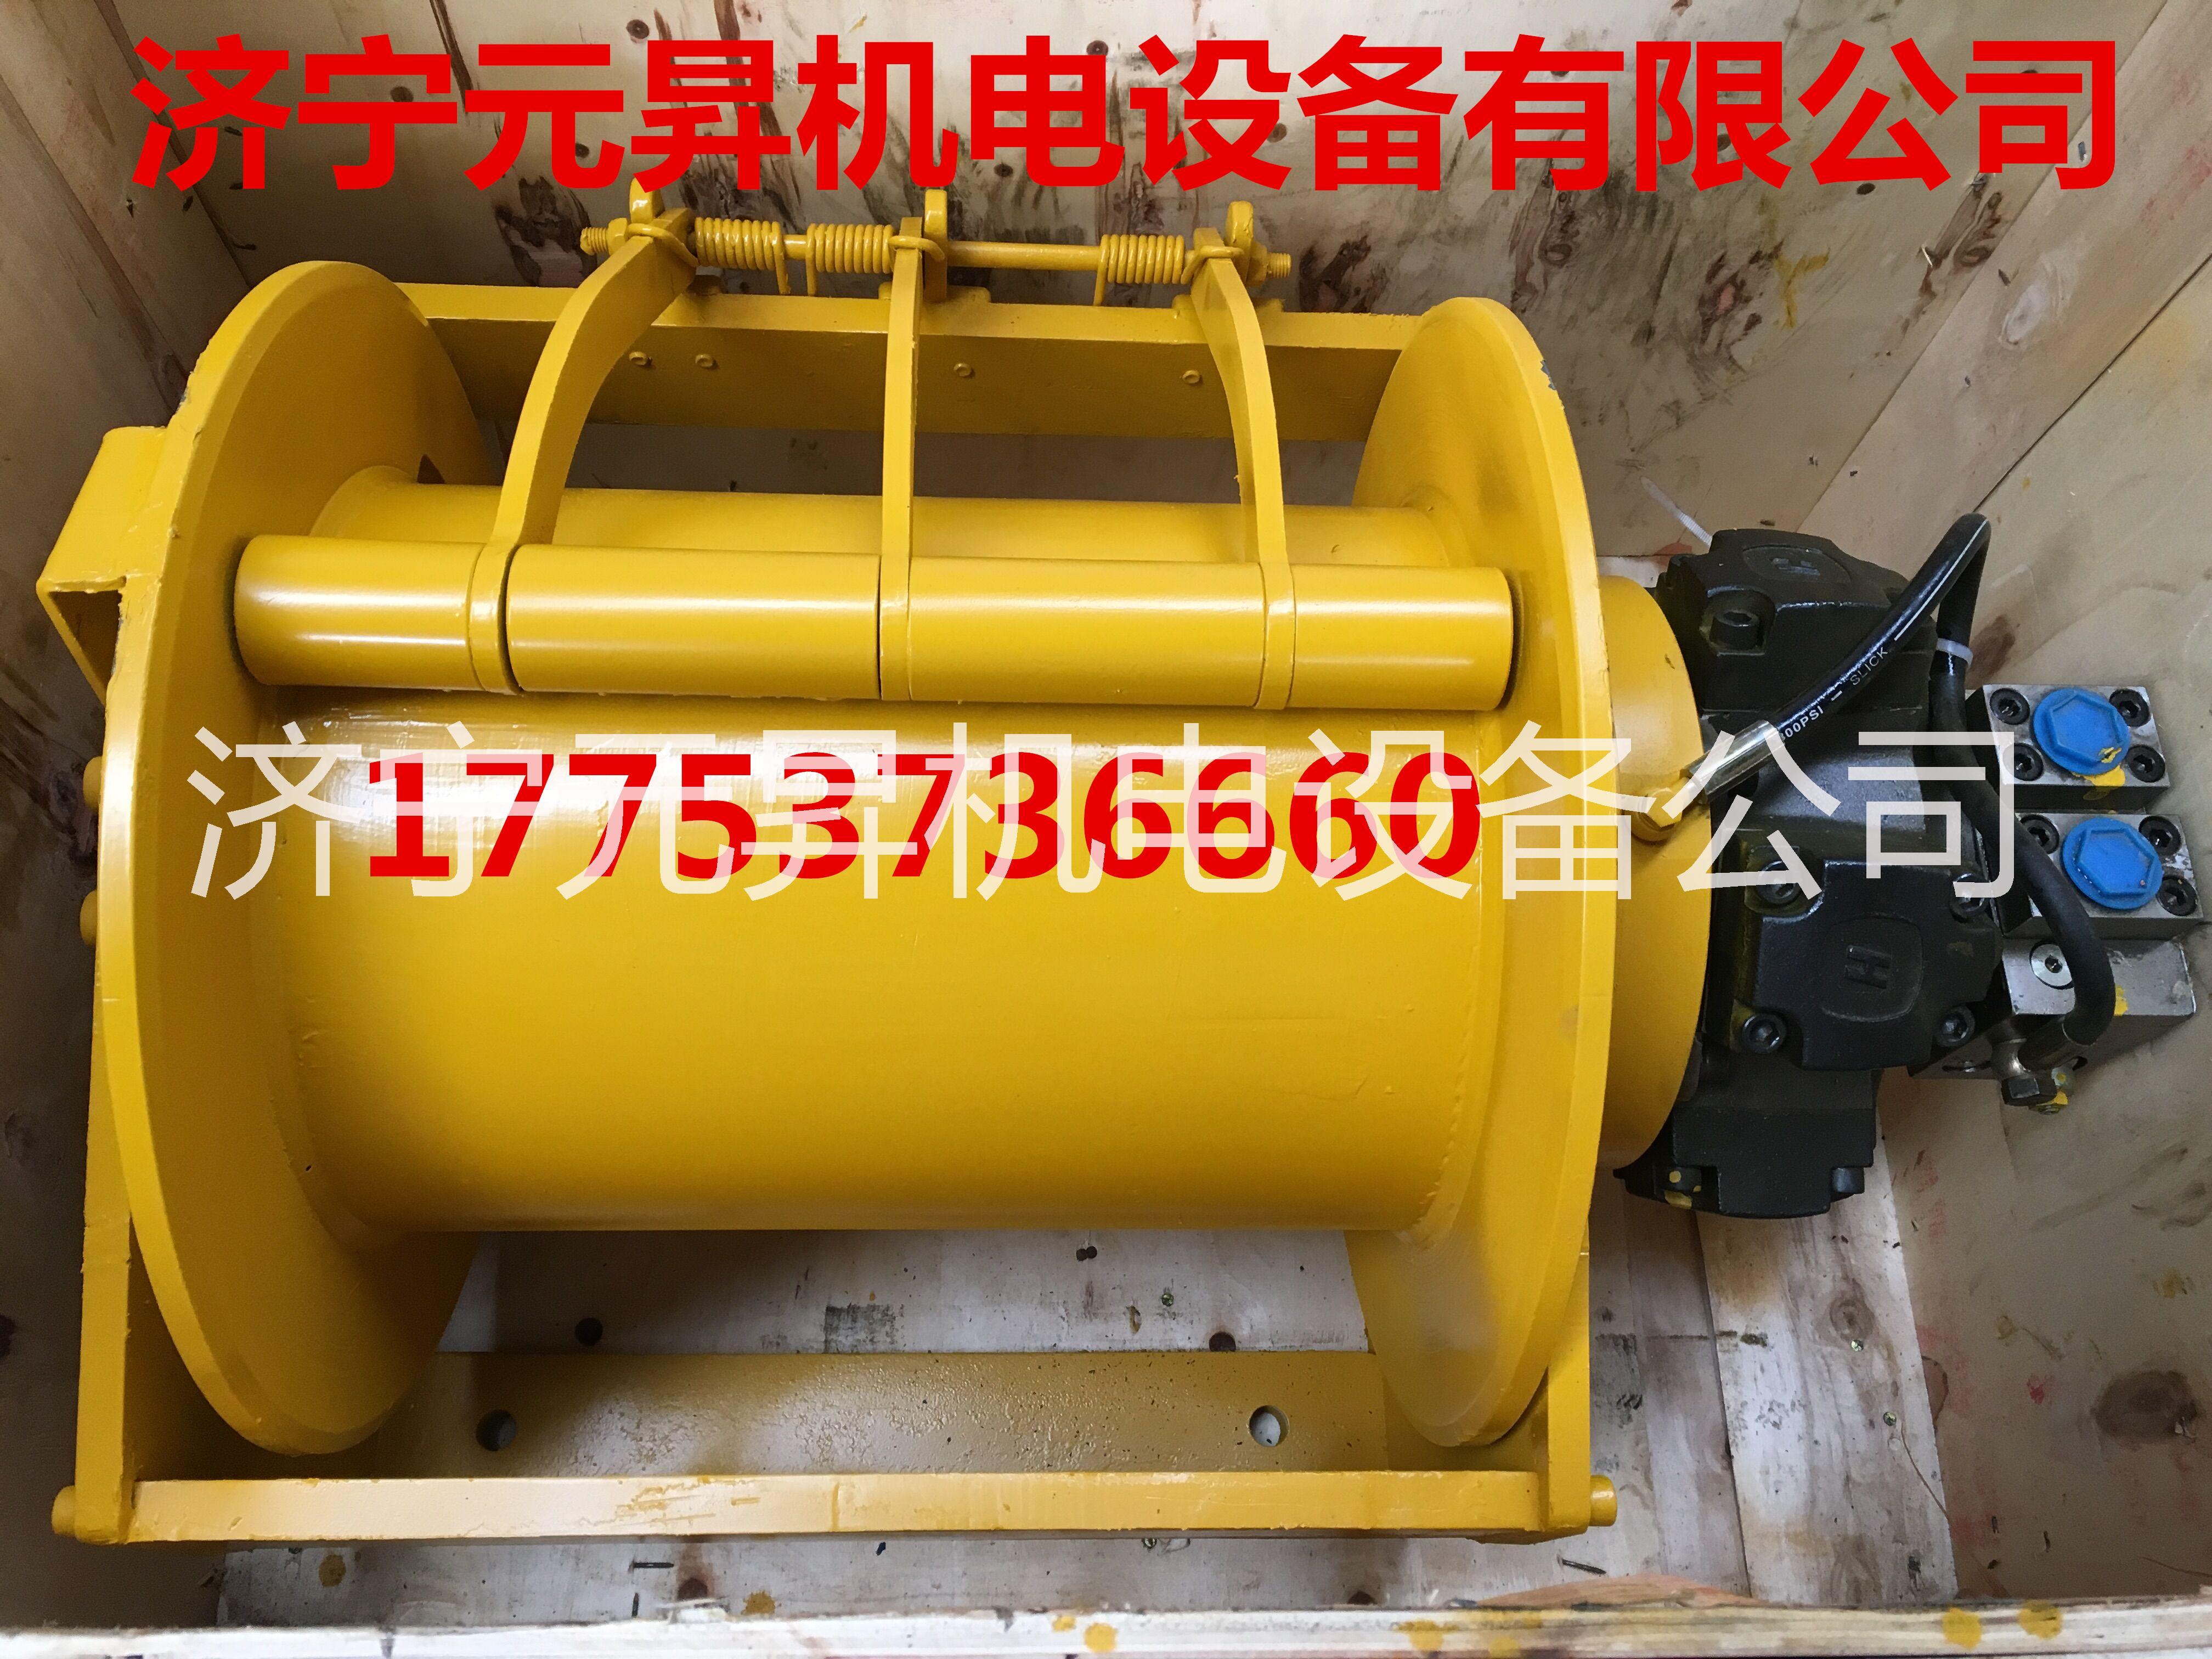 厂家直销 船用液压绞车 液压马达卷扬机 液压绞车设计